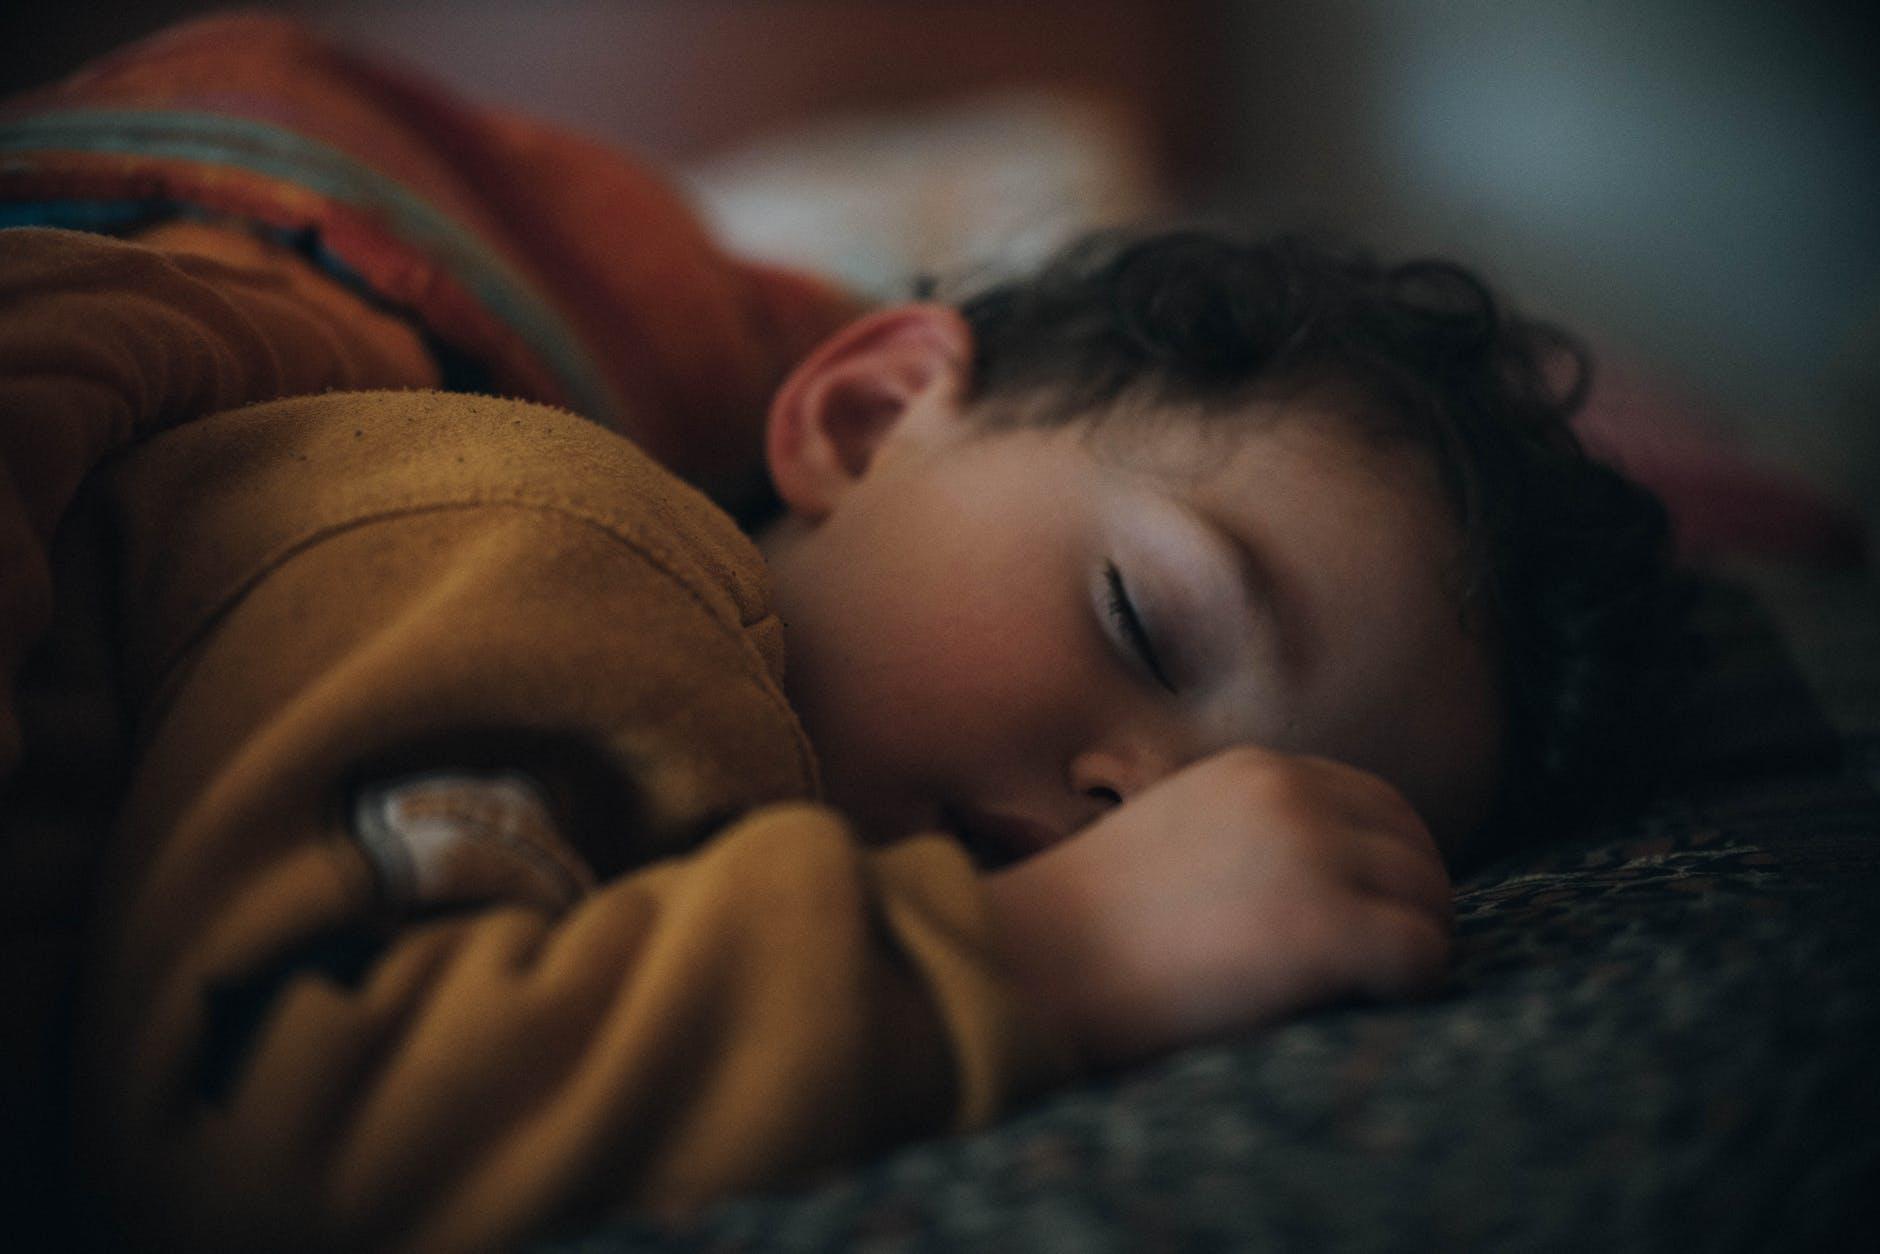 Kumon-Malaysia_Is-Sleep-Important_In-Article-Image.jpeg